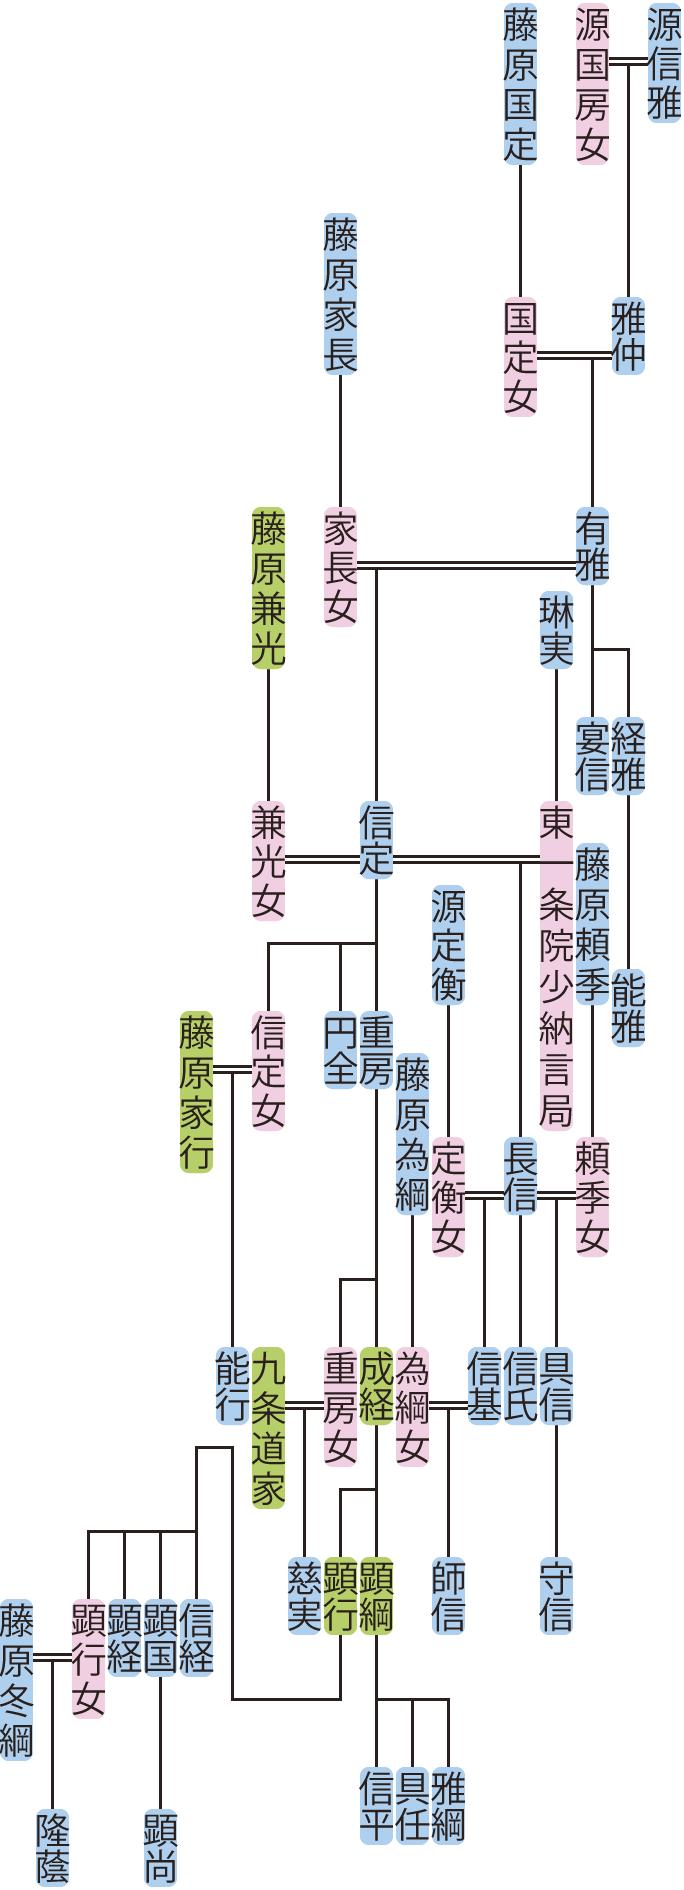 源有雅の系図